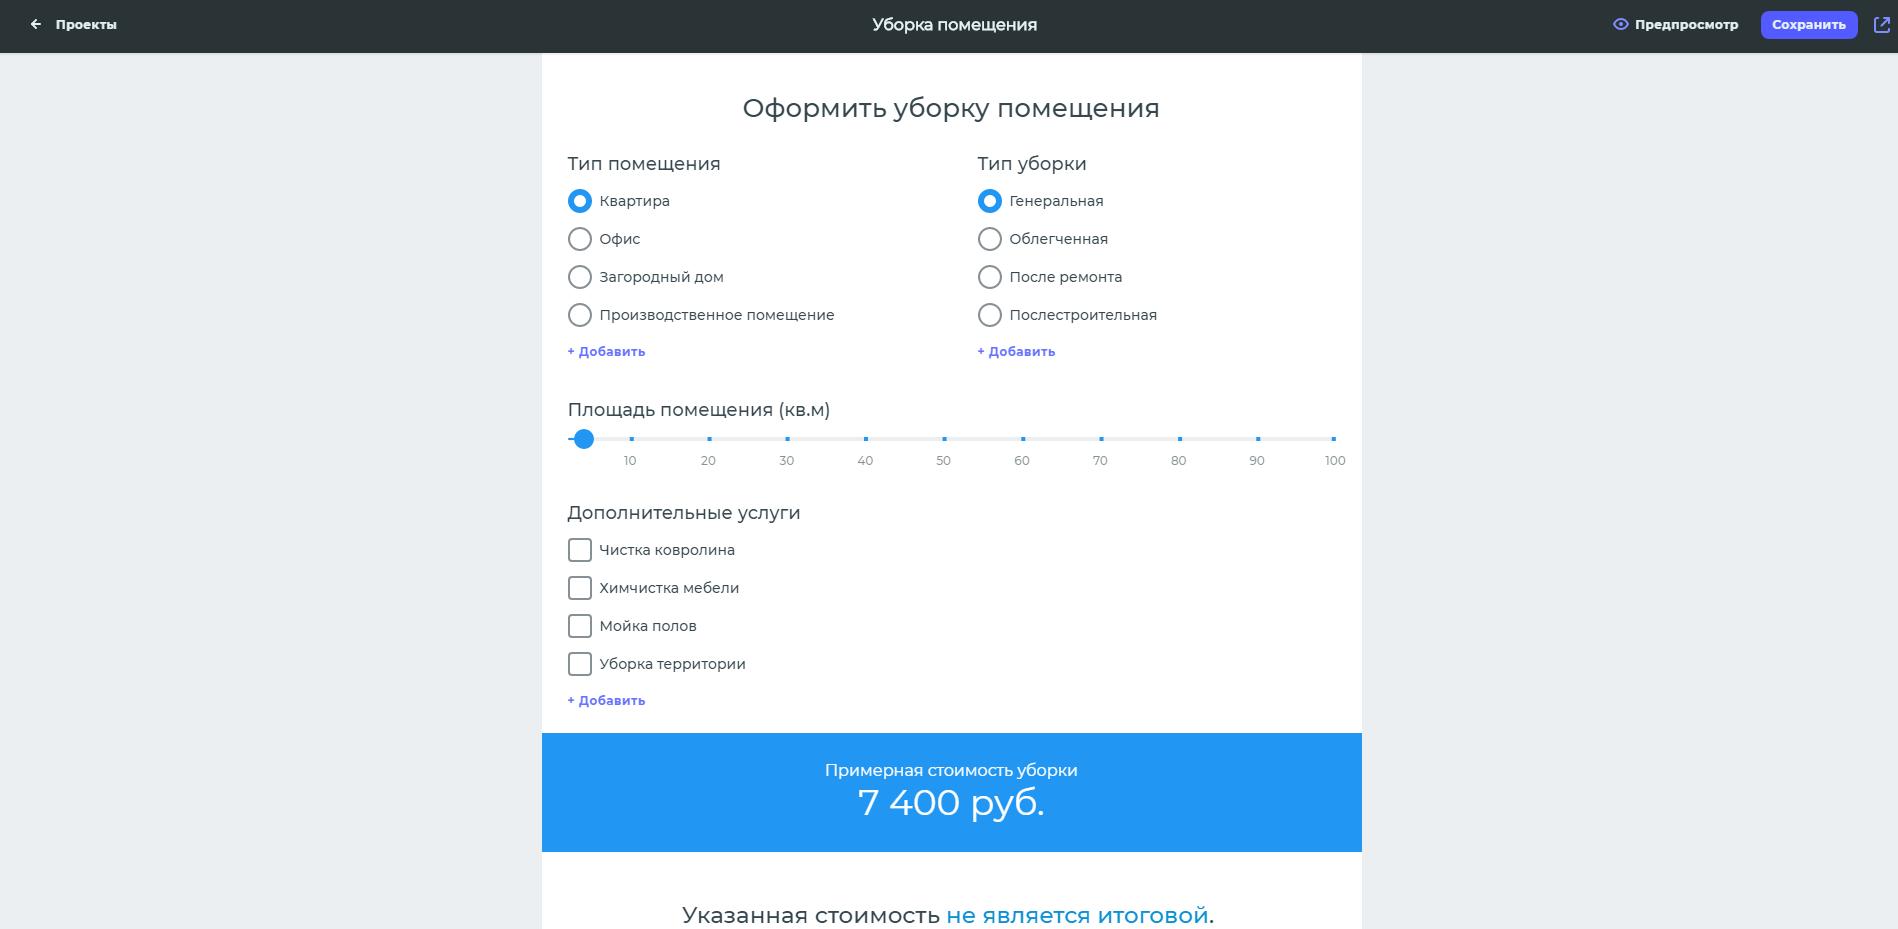 Как сделать веб-формы на сайте удобными и безопасными: инструменты разработки и конструкторы - 11